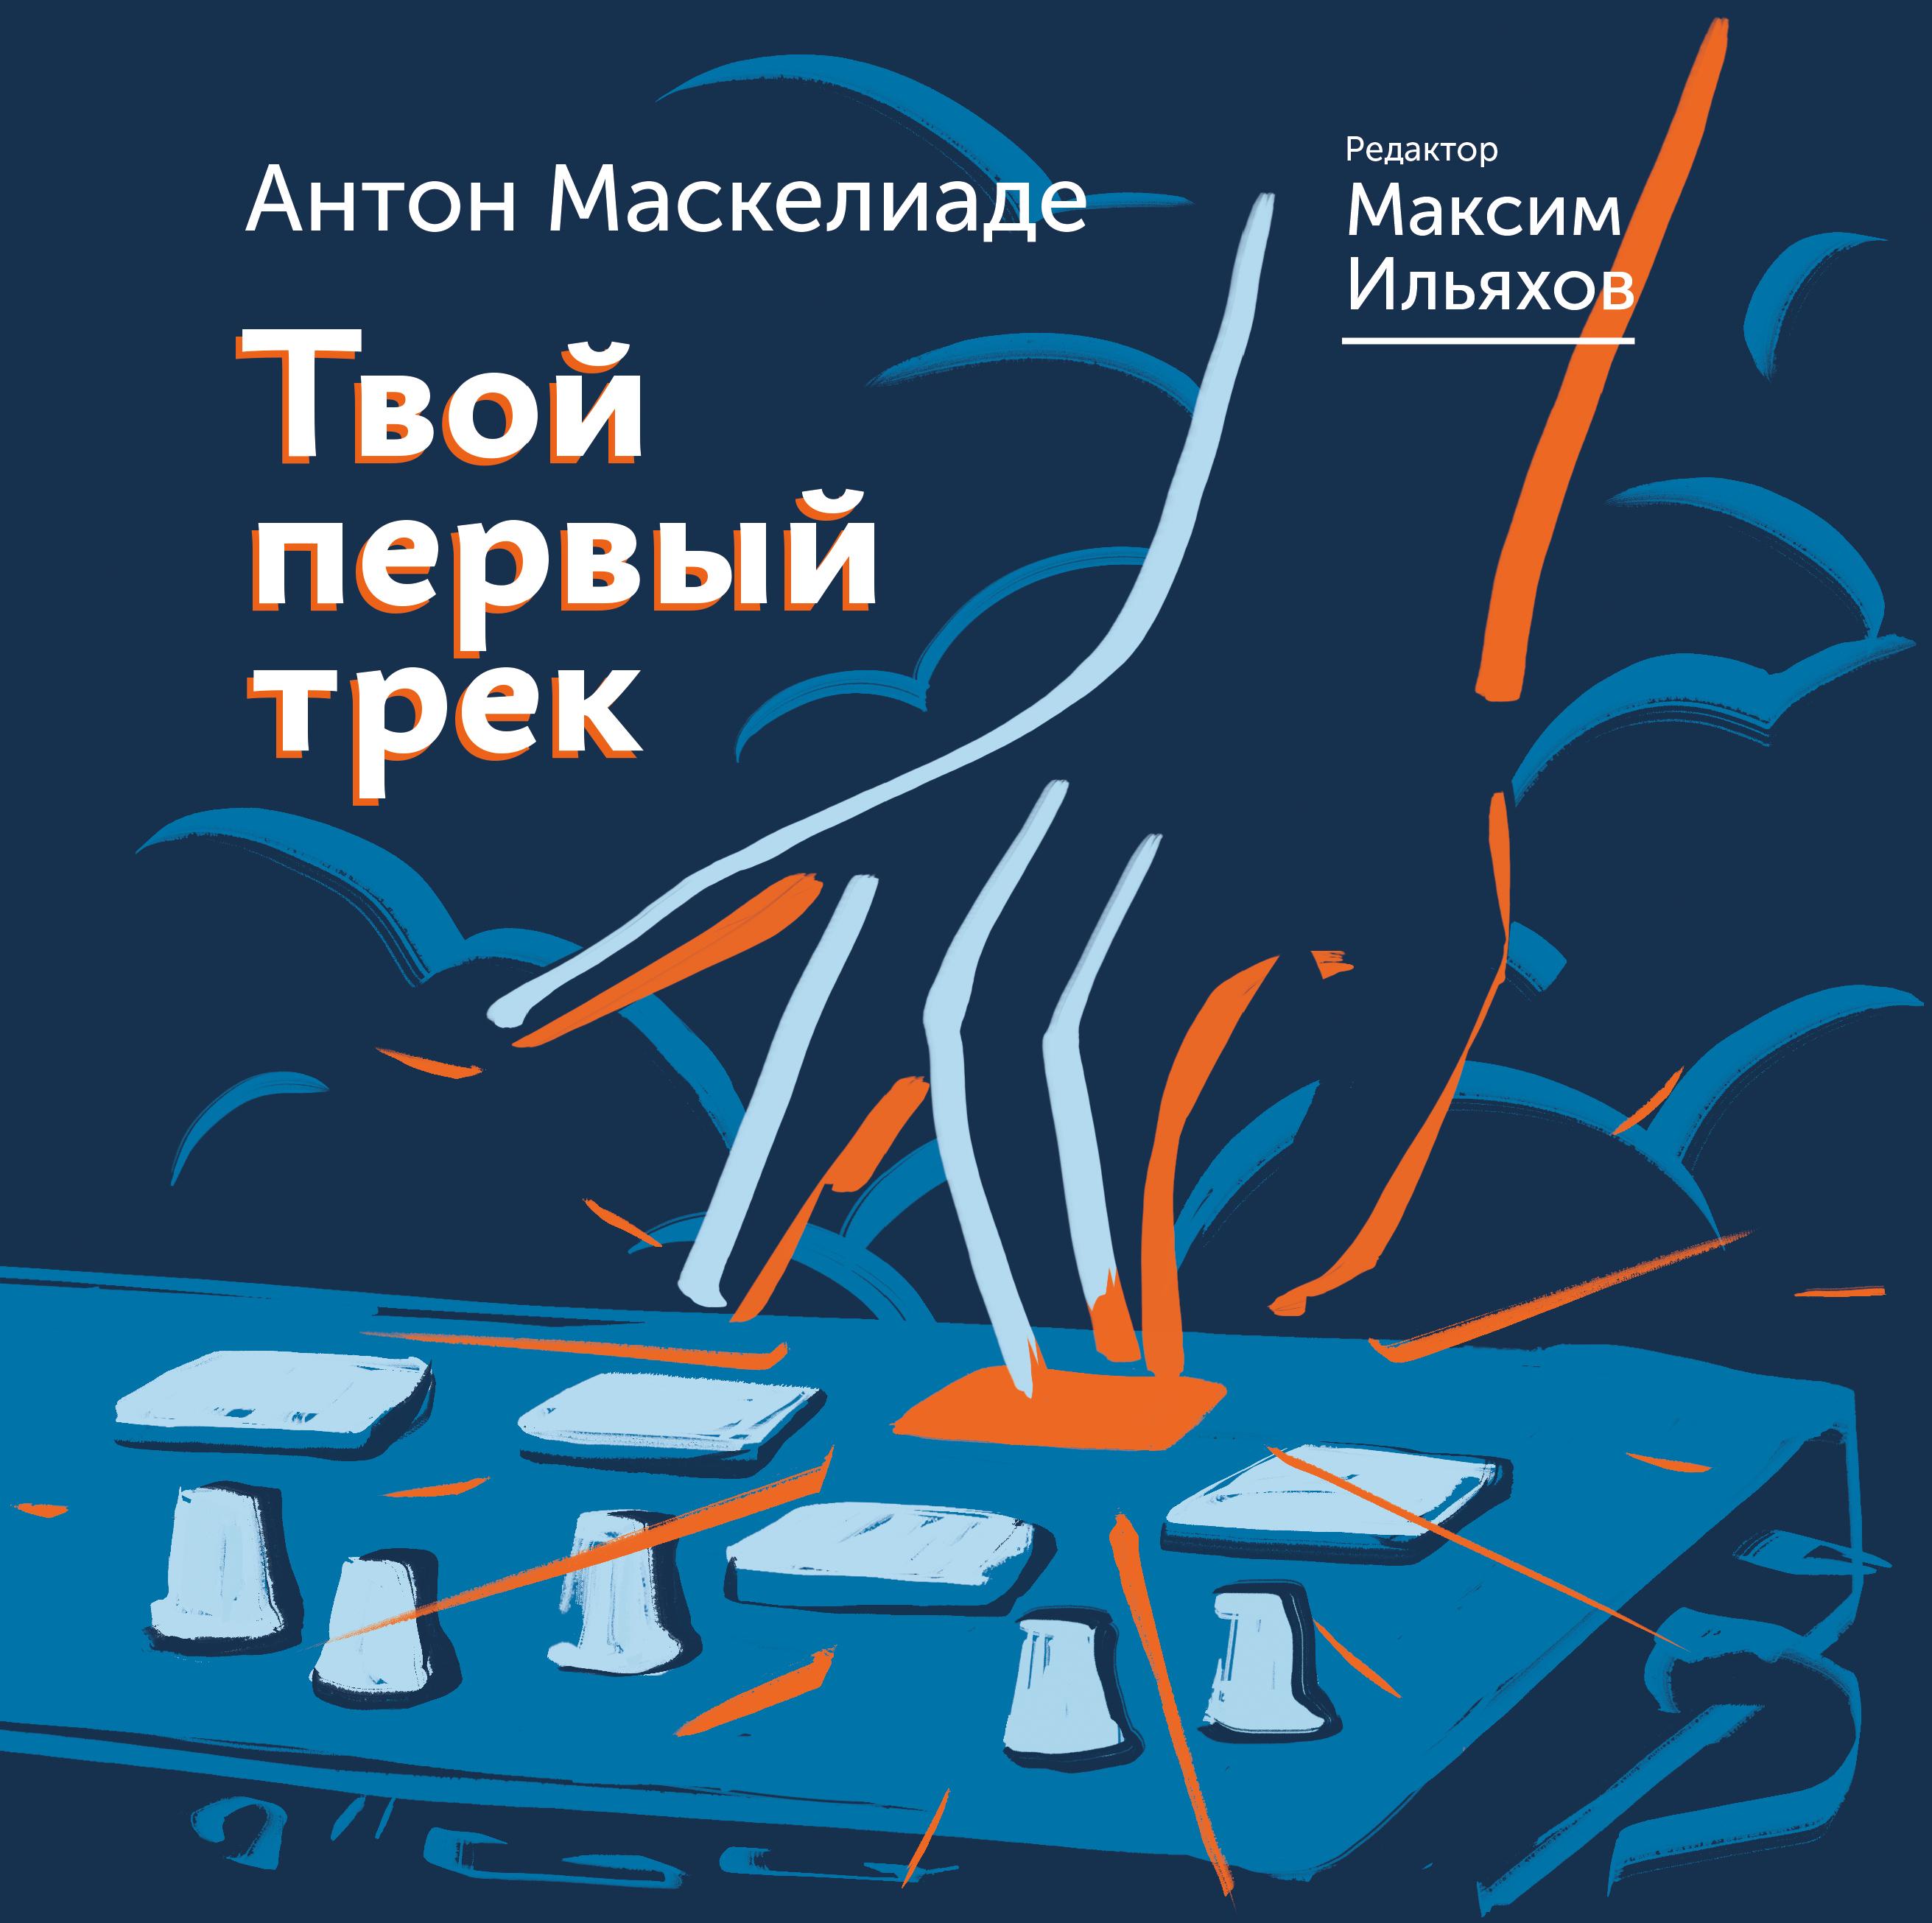 Ильяхов Максим, Маскелиаде Антон Твой первый трек